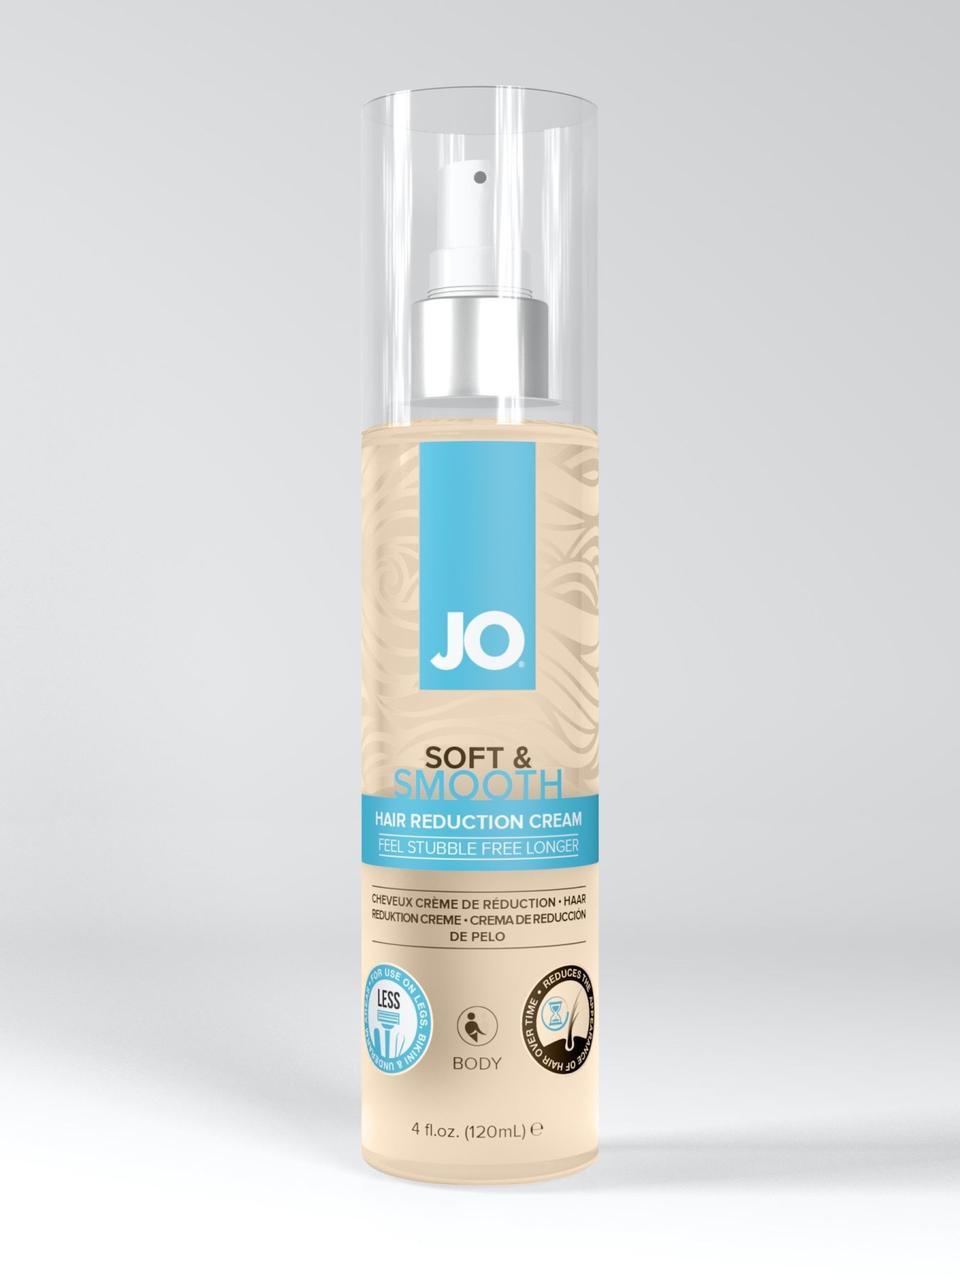 Сыворотка замедляющая рост волос System JO SOFT & SMOOTH (120 мл)